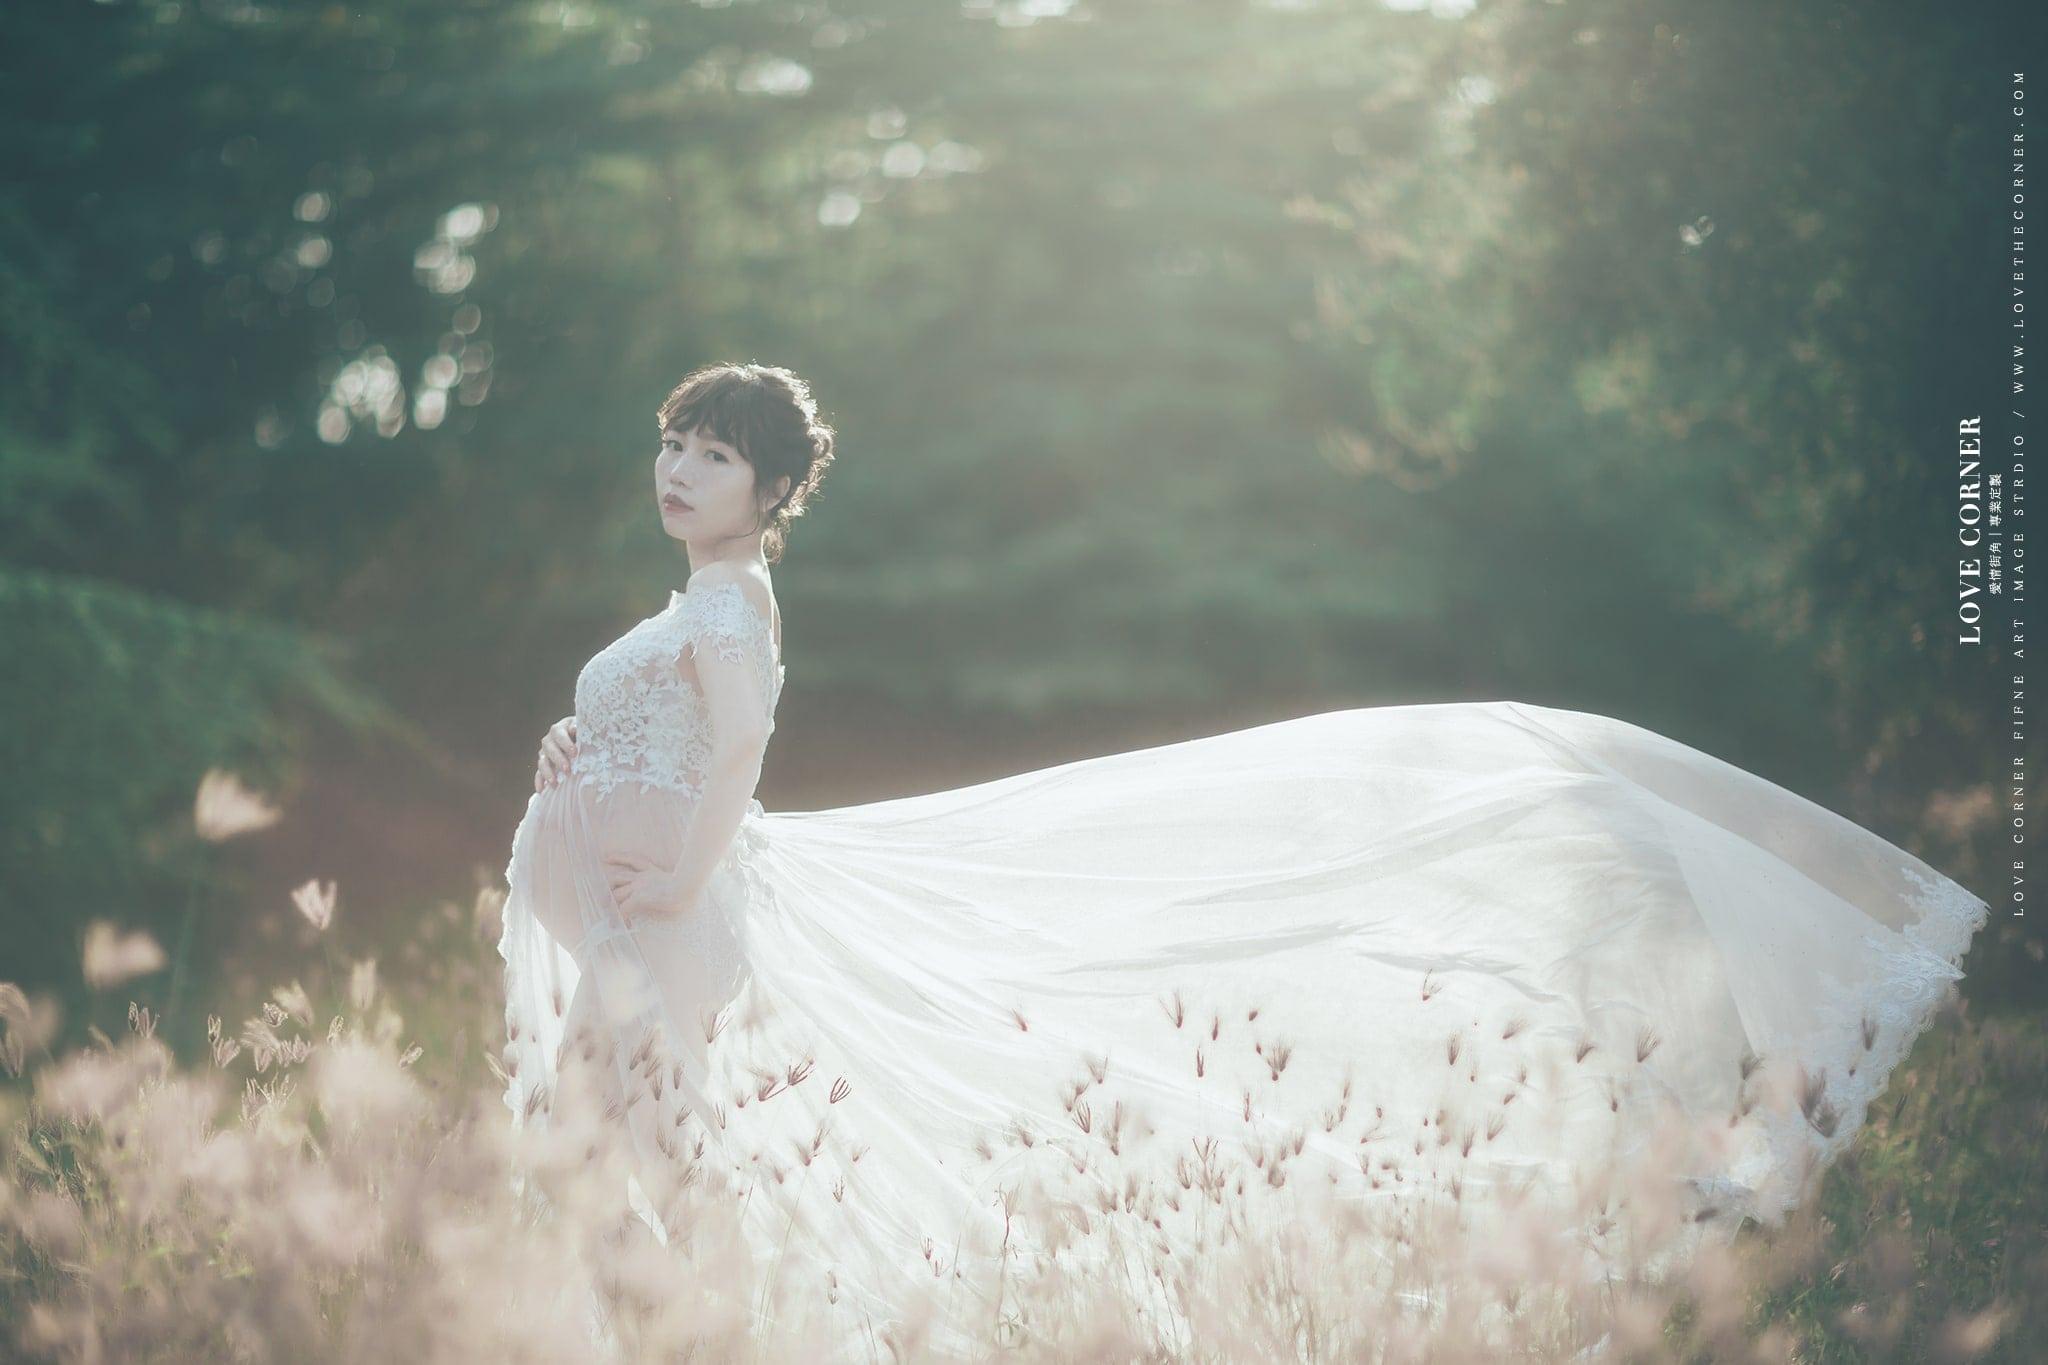 台南孕婦寫真|禮服|孕婦棚拍外拍推薦仙仙風格 S